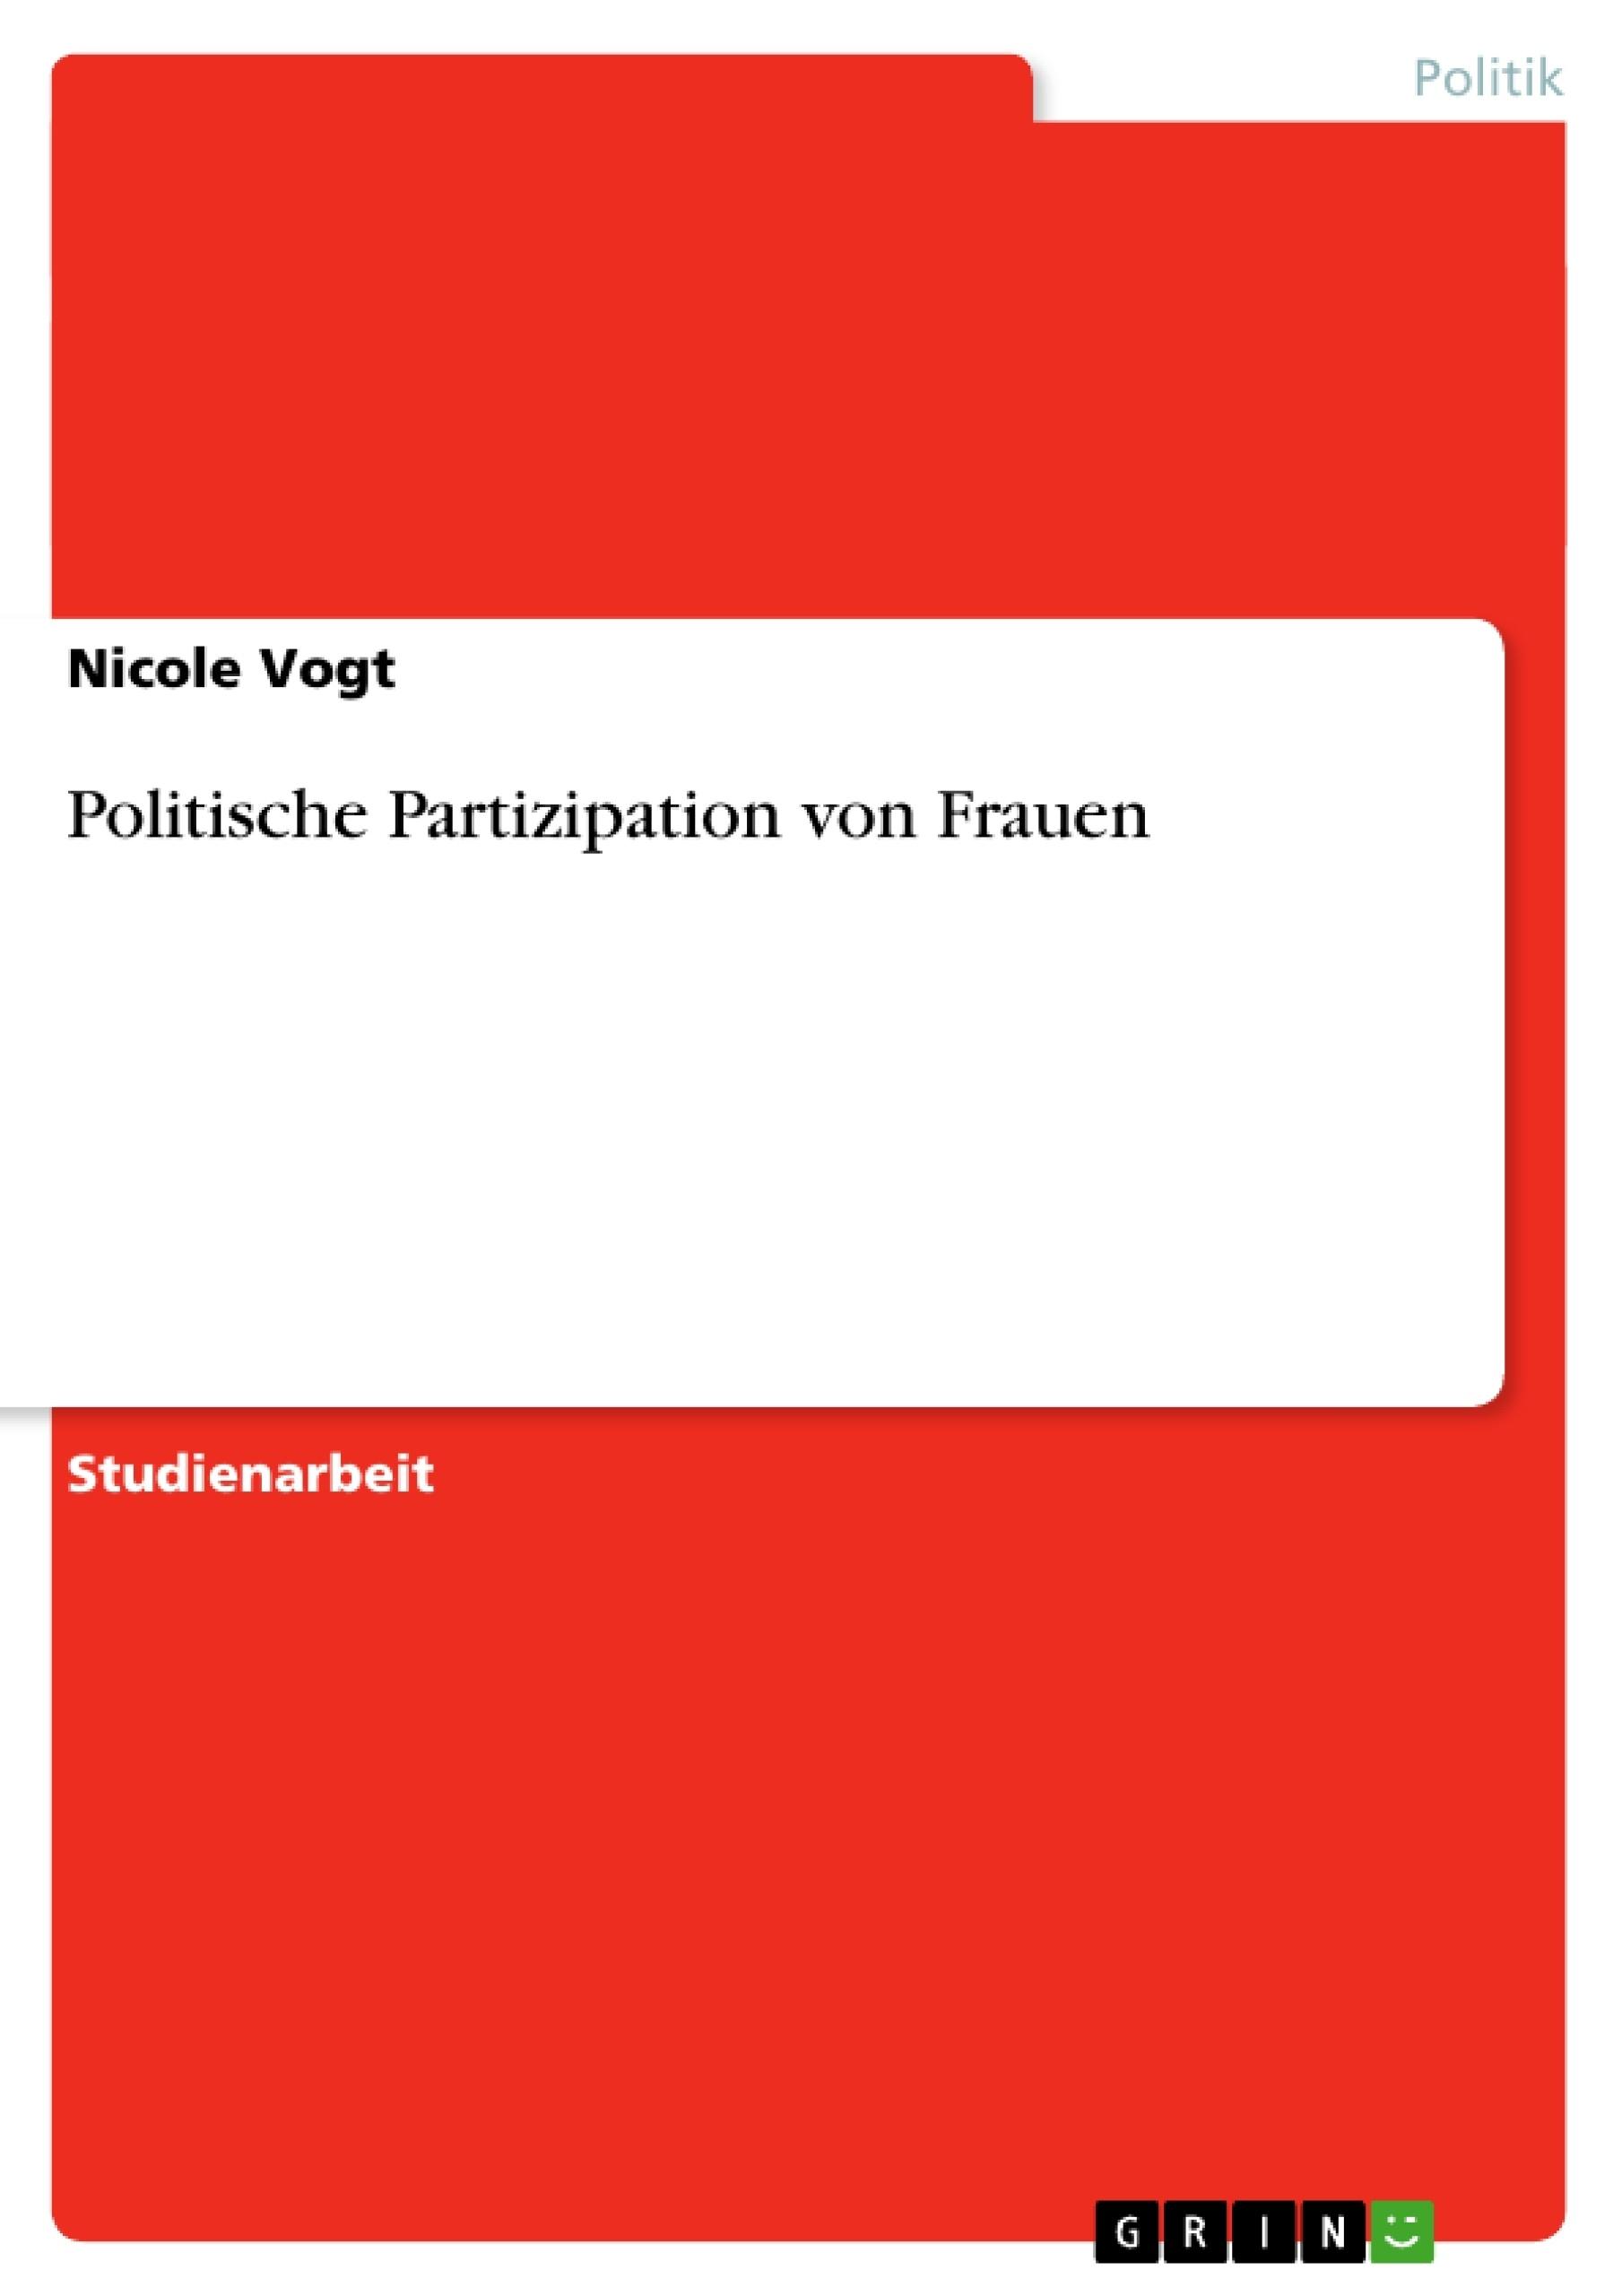 Titel: Politische Partizipation von Frauen